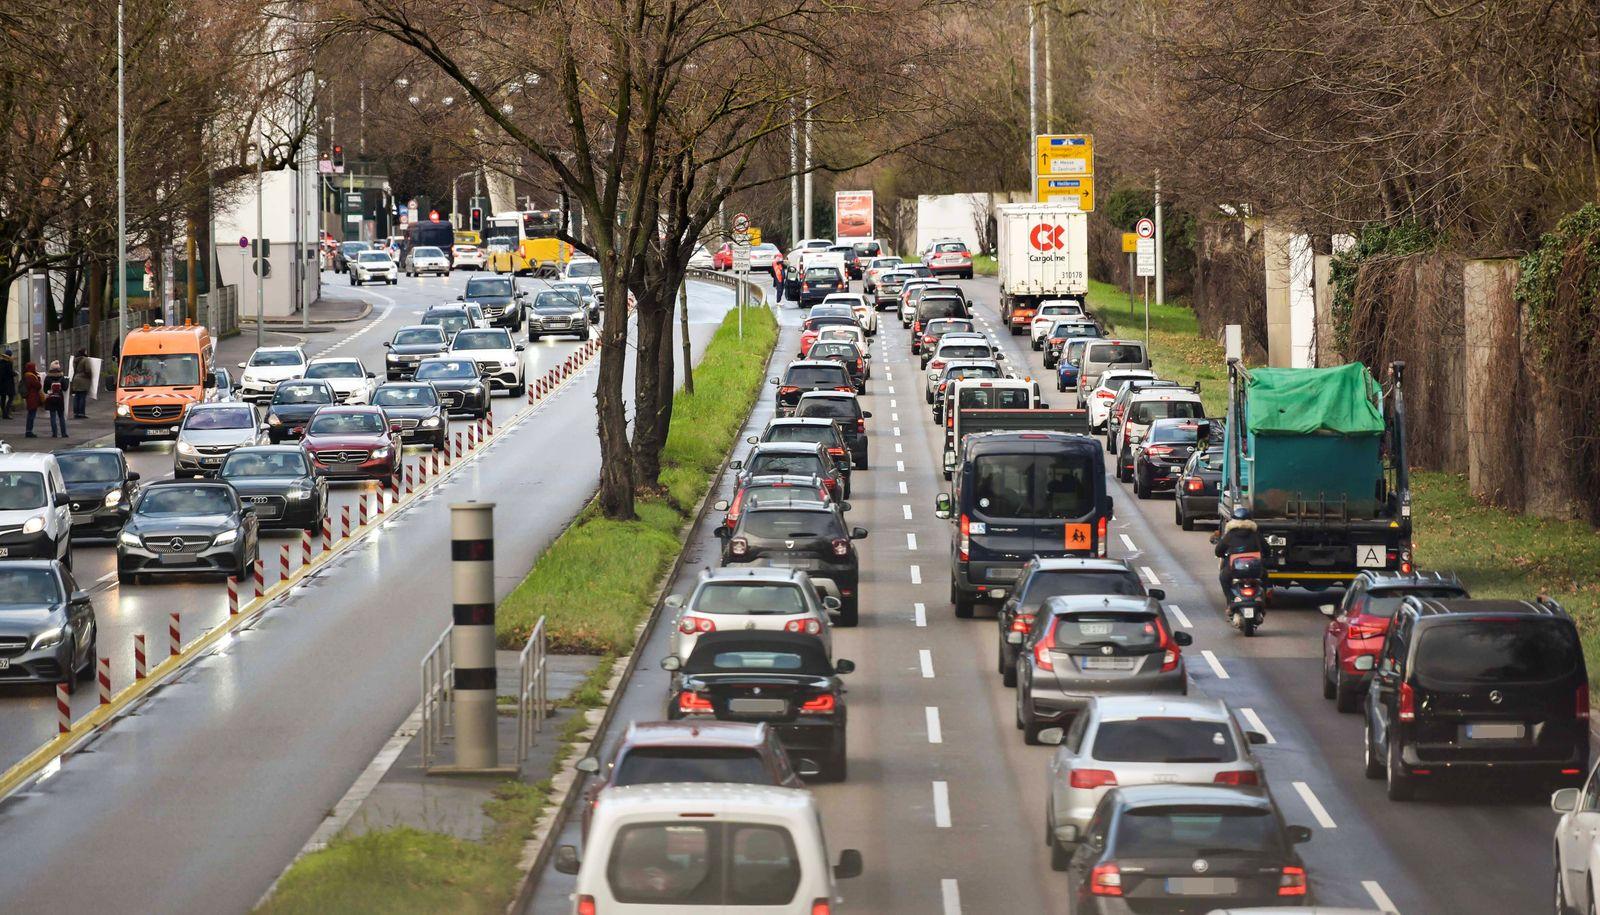 Autoverkehr und Luftreinhaltung. Die Stadt Stuttgart reduziert die Zul‰ssige Geschwindigkeit auf 40 Km/h an einigen Stra